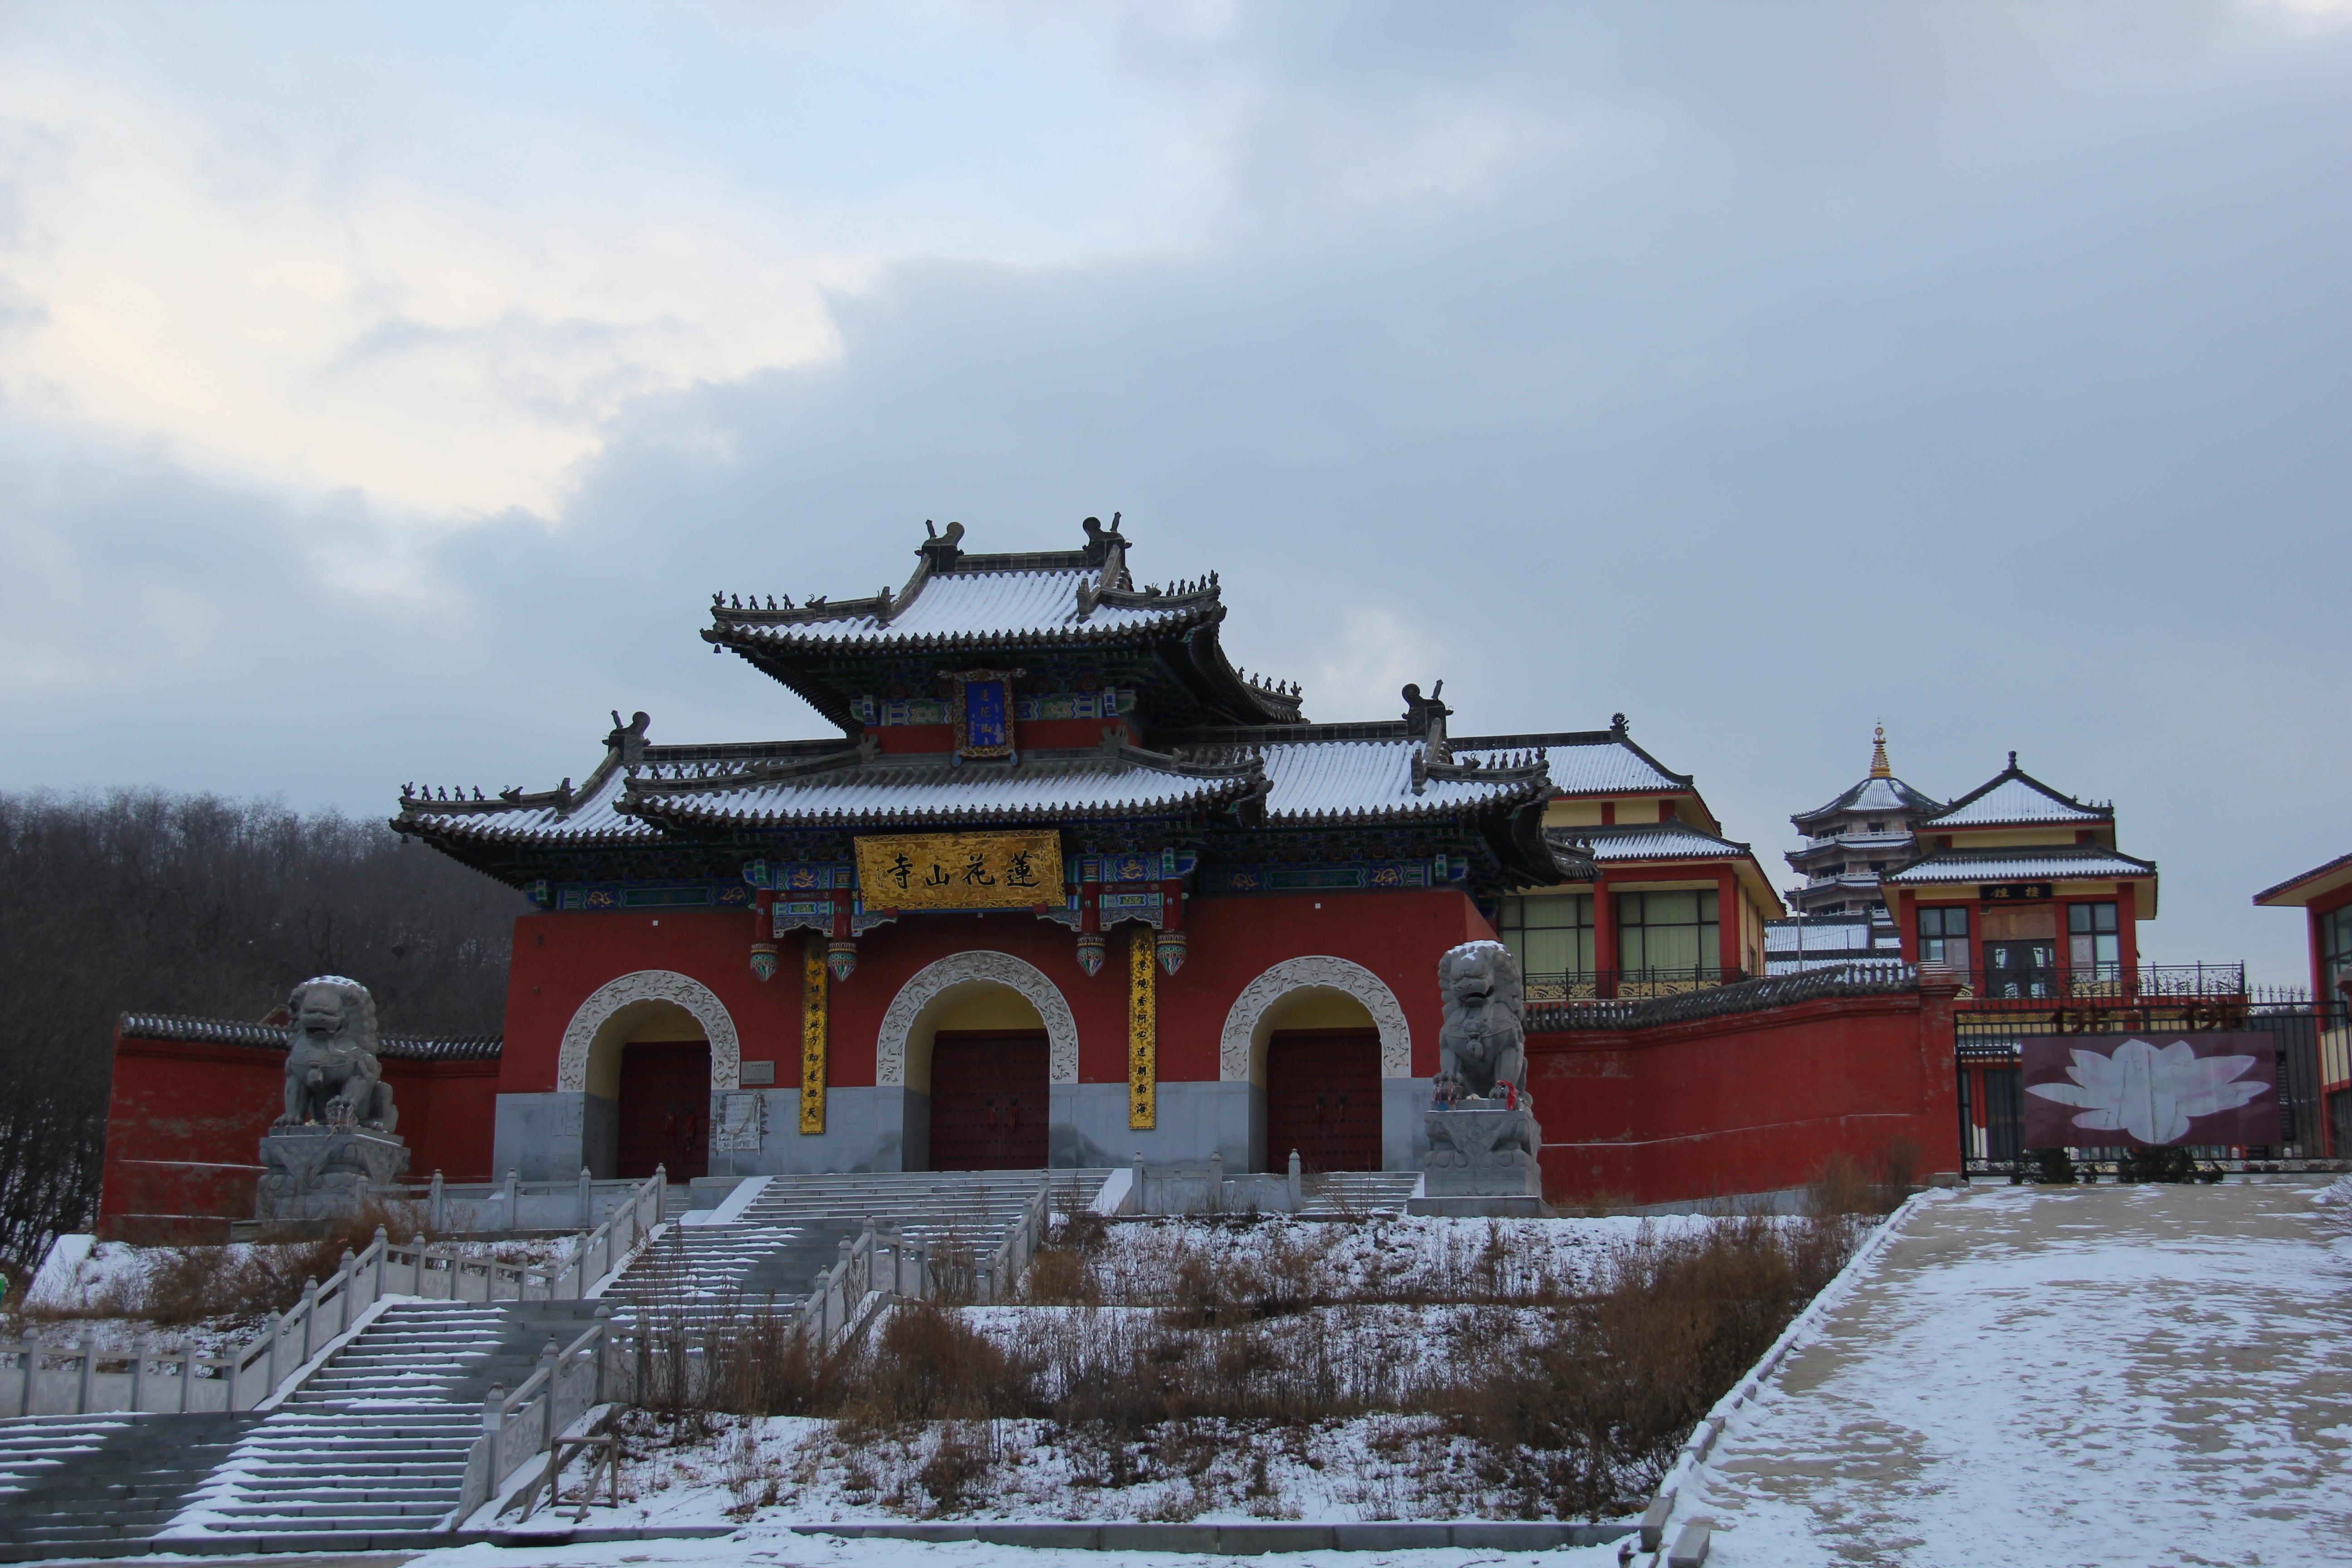 Dalian Culture